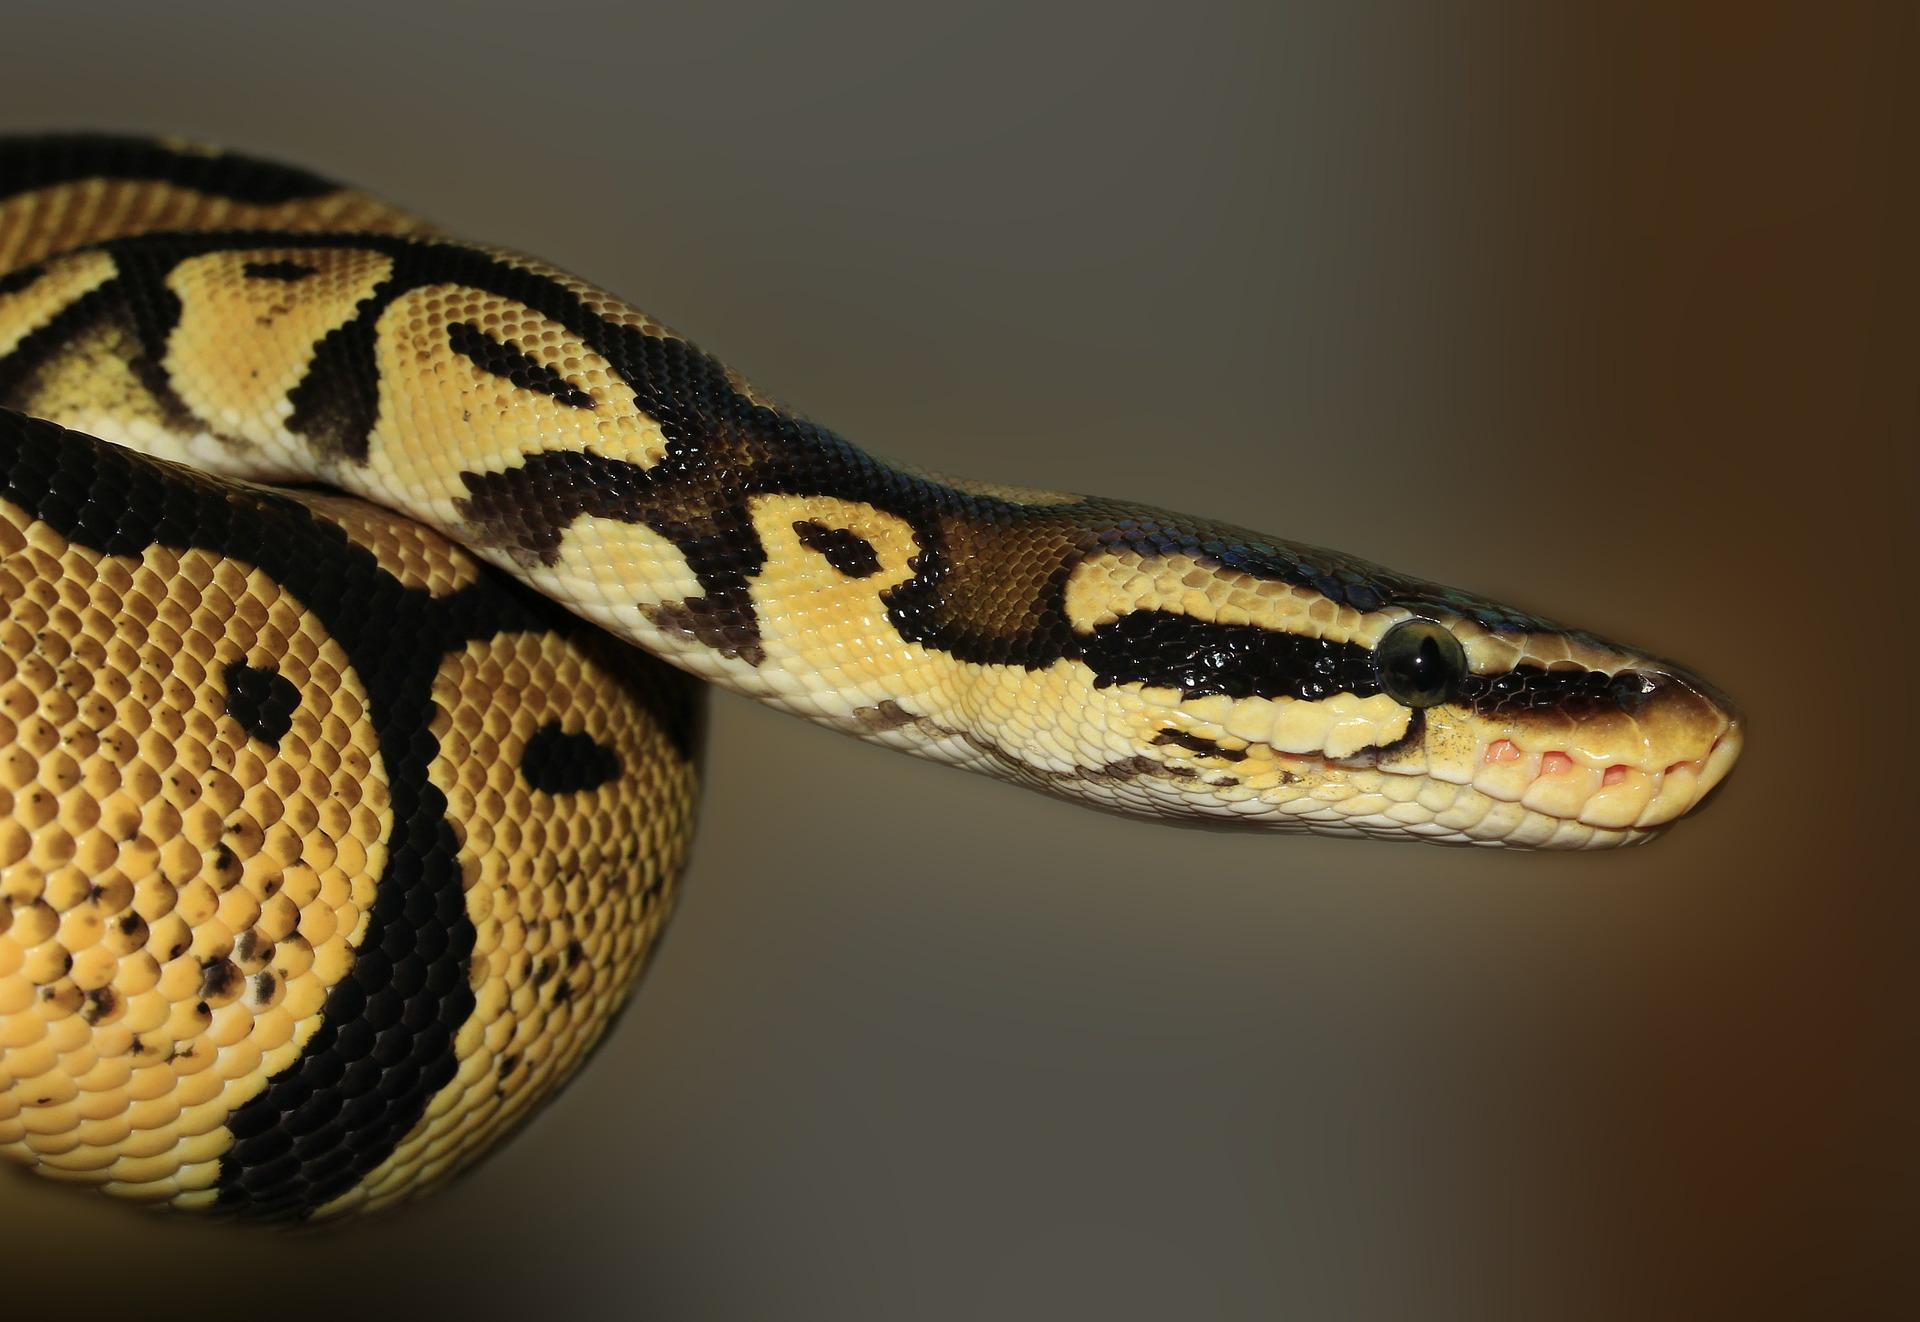 ヘビ, Python, バイパー, 目, 爬虫類 - HD の壁紙 - 教授-falken.com